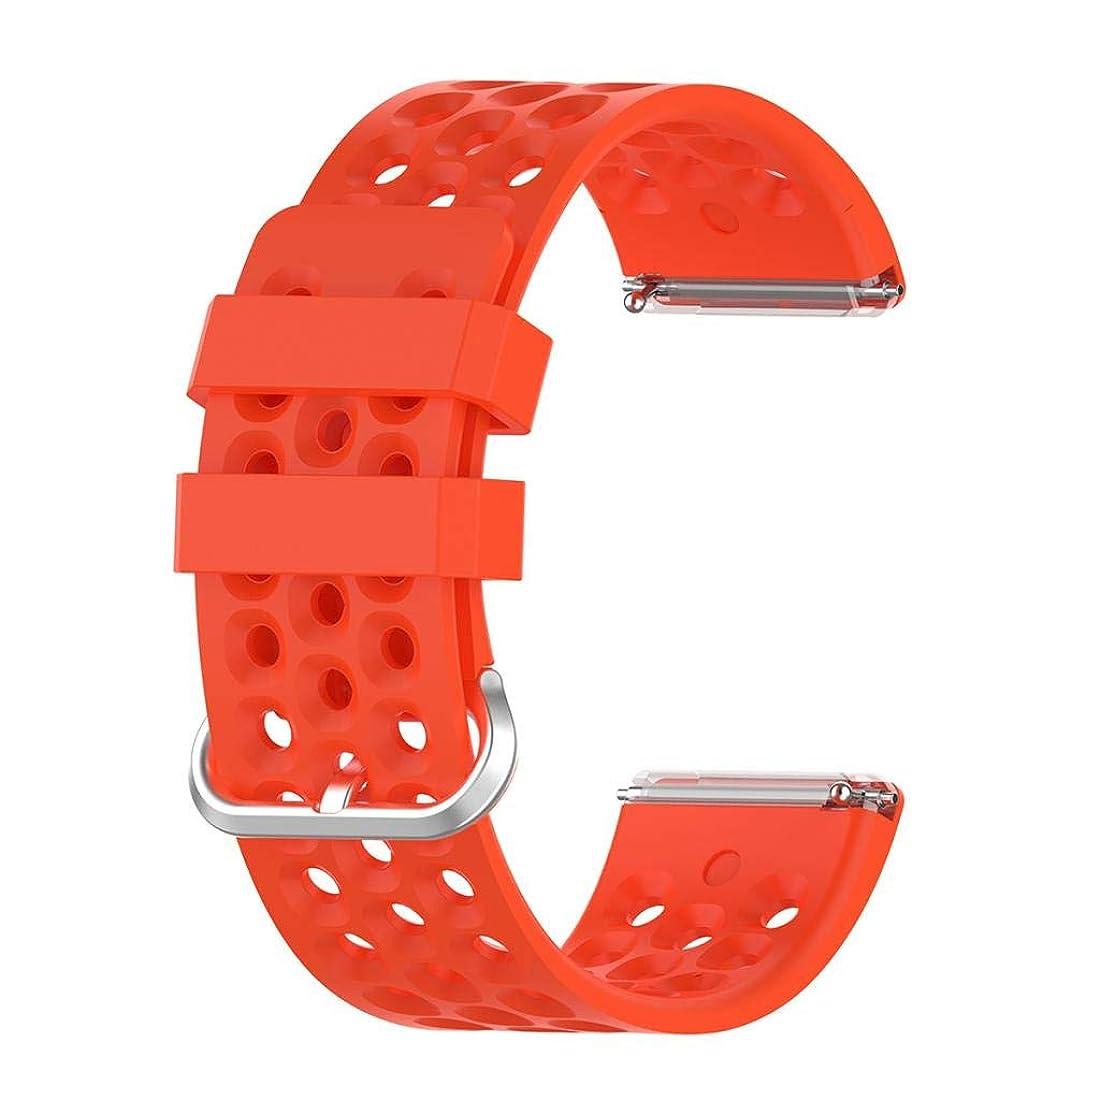 宿題をする転送放射能B Baosity シリコン時計ストラップ 腕時計バンド 時計替えベルト Fitbit Versa 2/1/Lite専用 - 赤